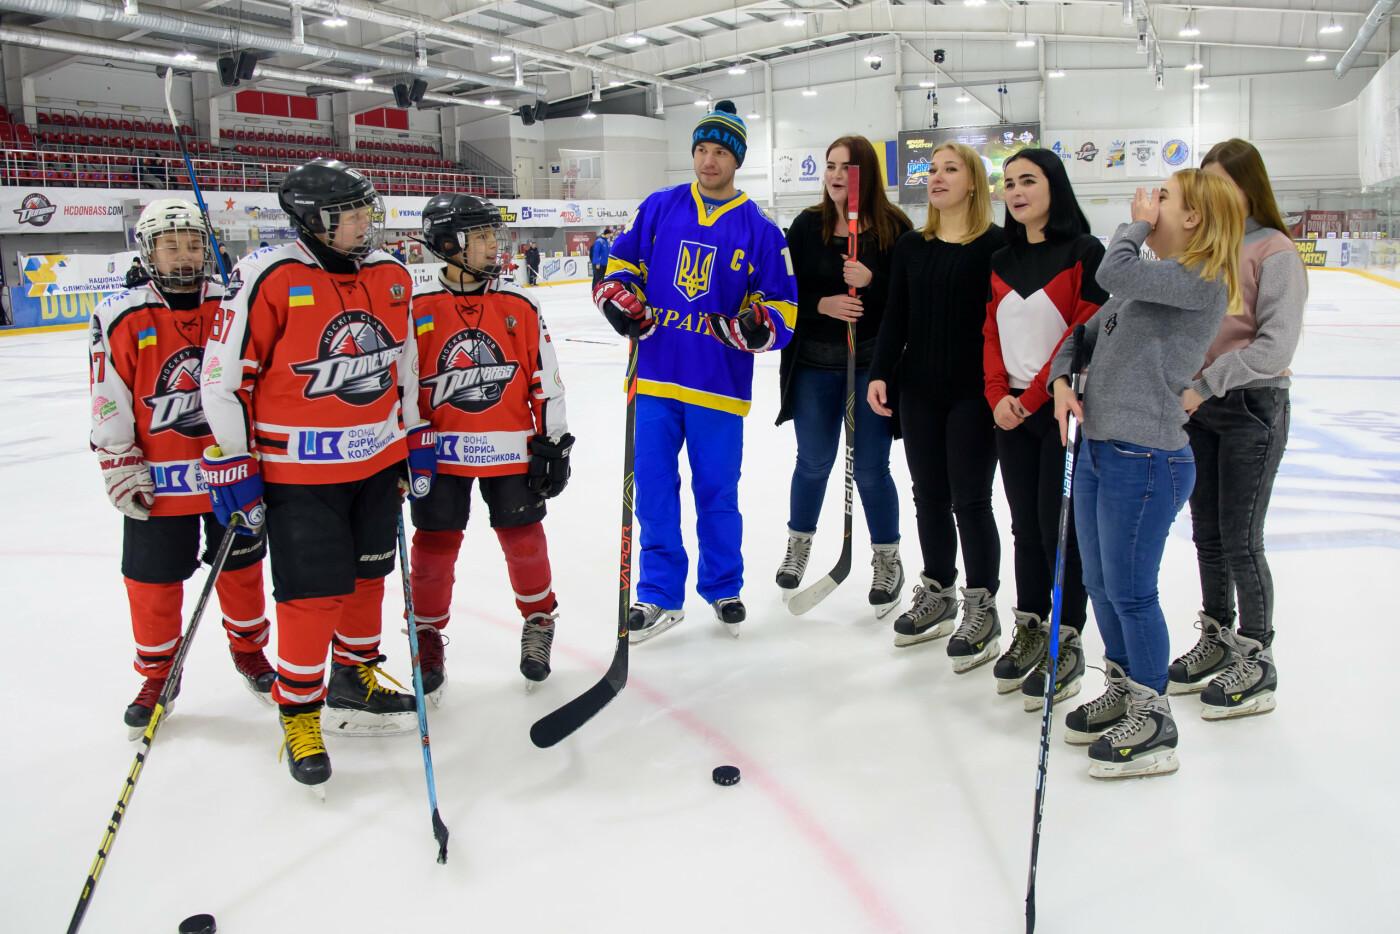 Дружковка: На ледовой арене «Альтаир» звёзды хоккея провели тренировку и мастер-классы для всех желающих (ФОТО), фото-3